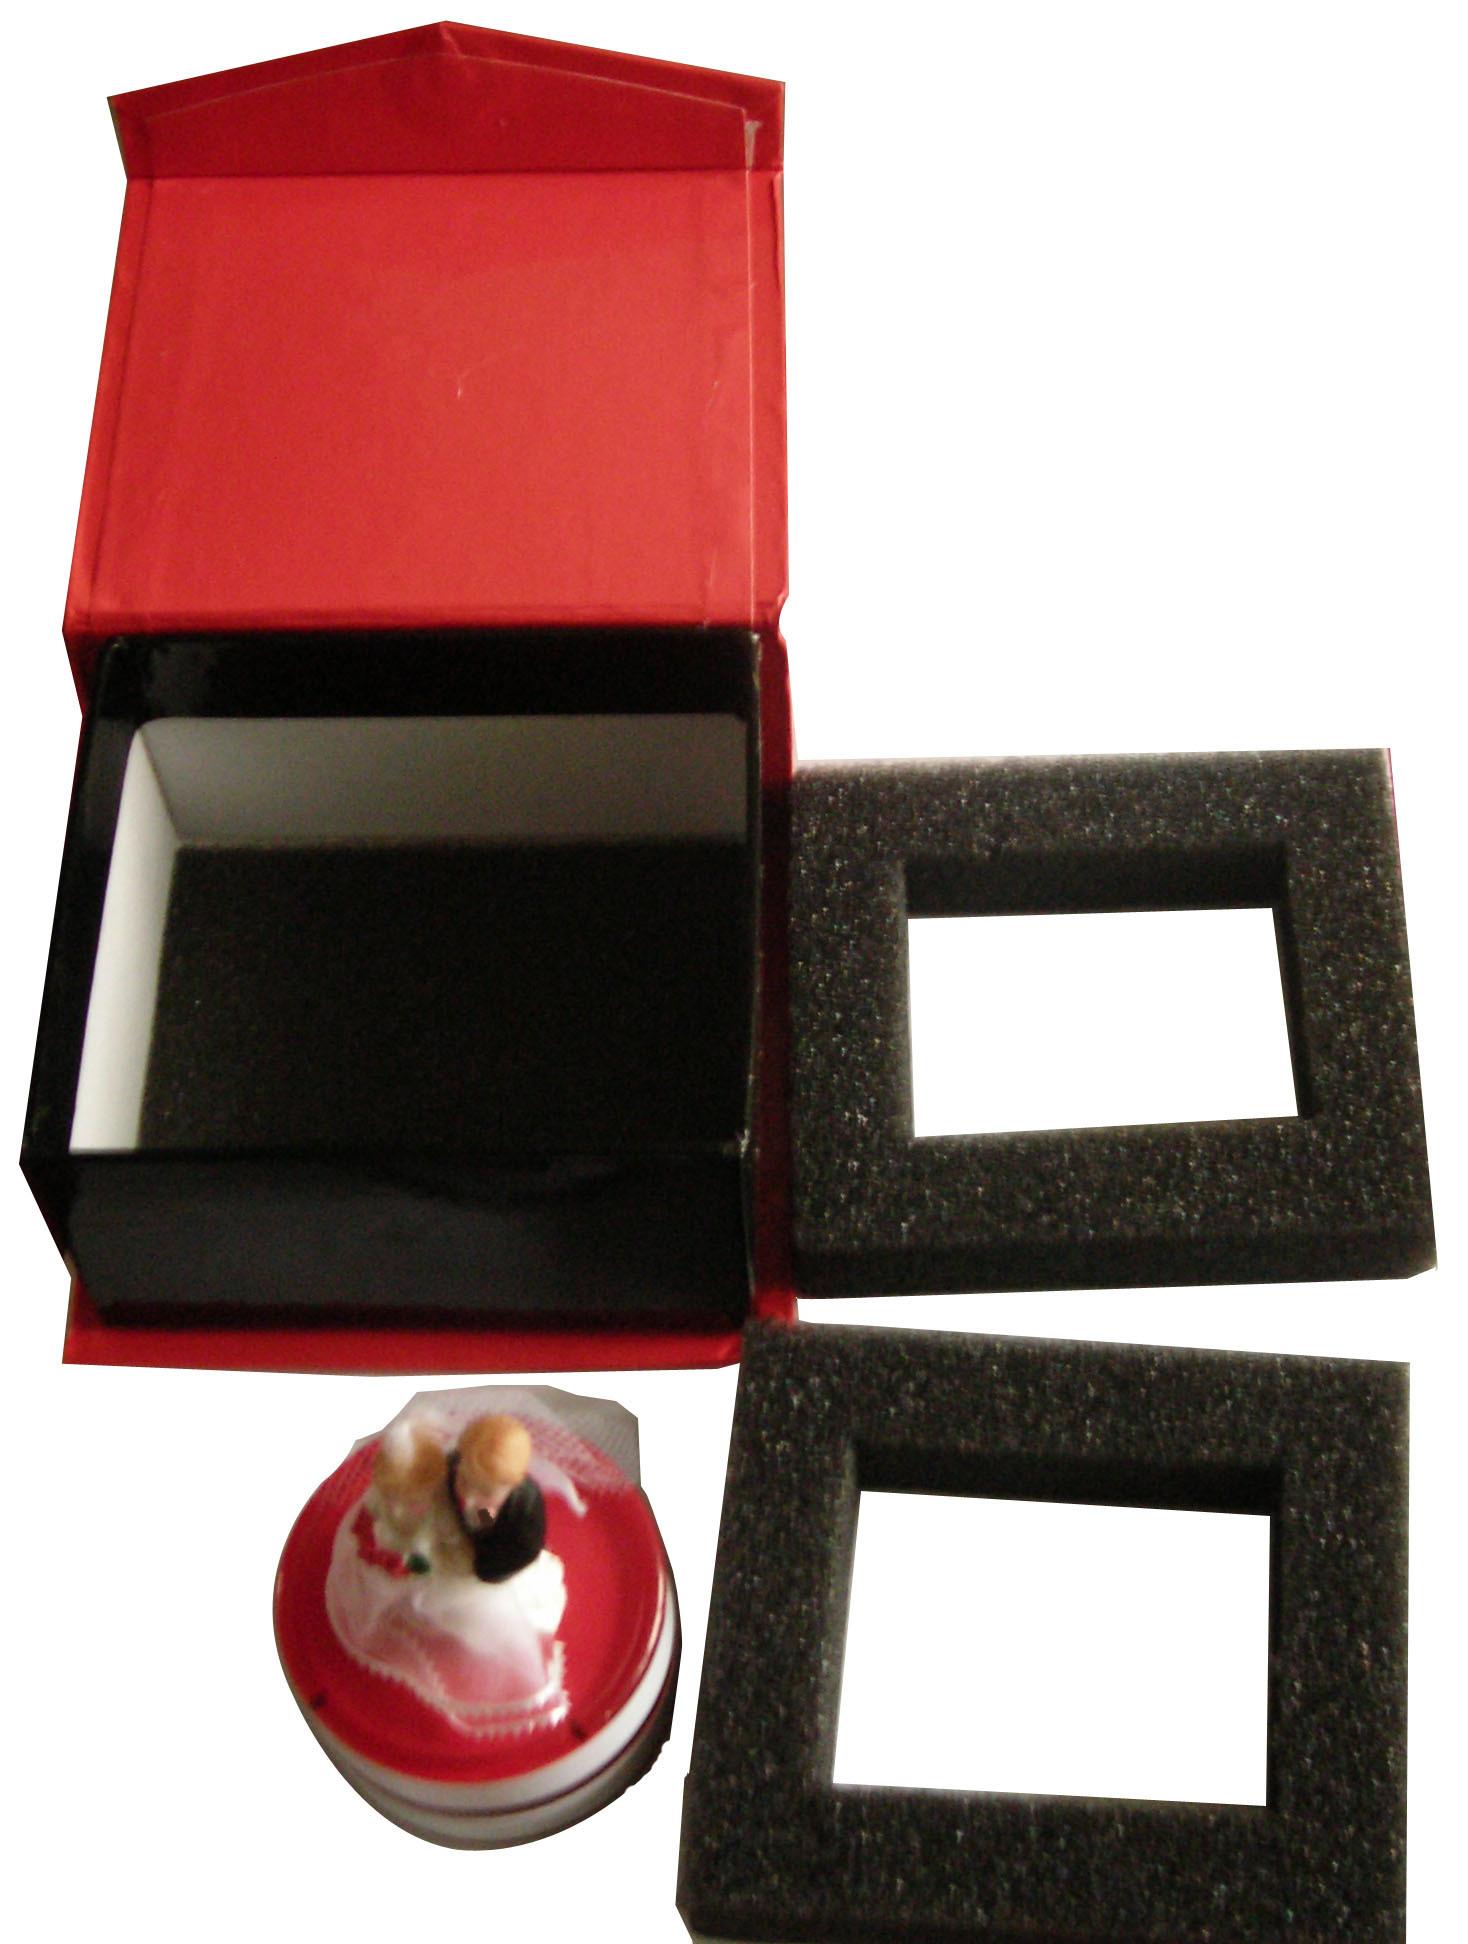 Штамп, Печать Свадьба брак уплотнения коробки с печатью печать изысканный подарок коробка коробки/только 5 юаней